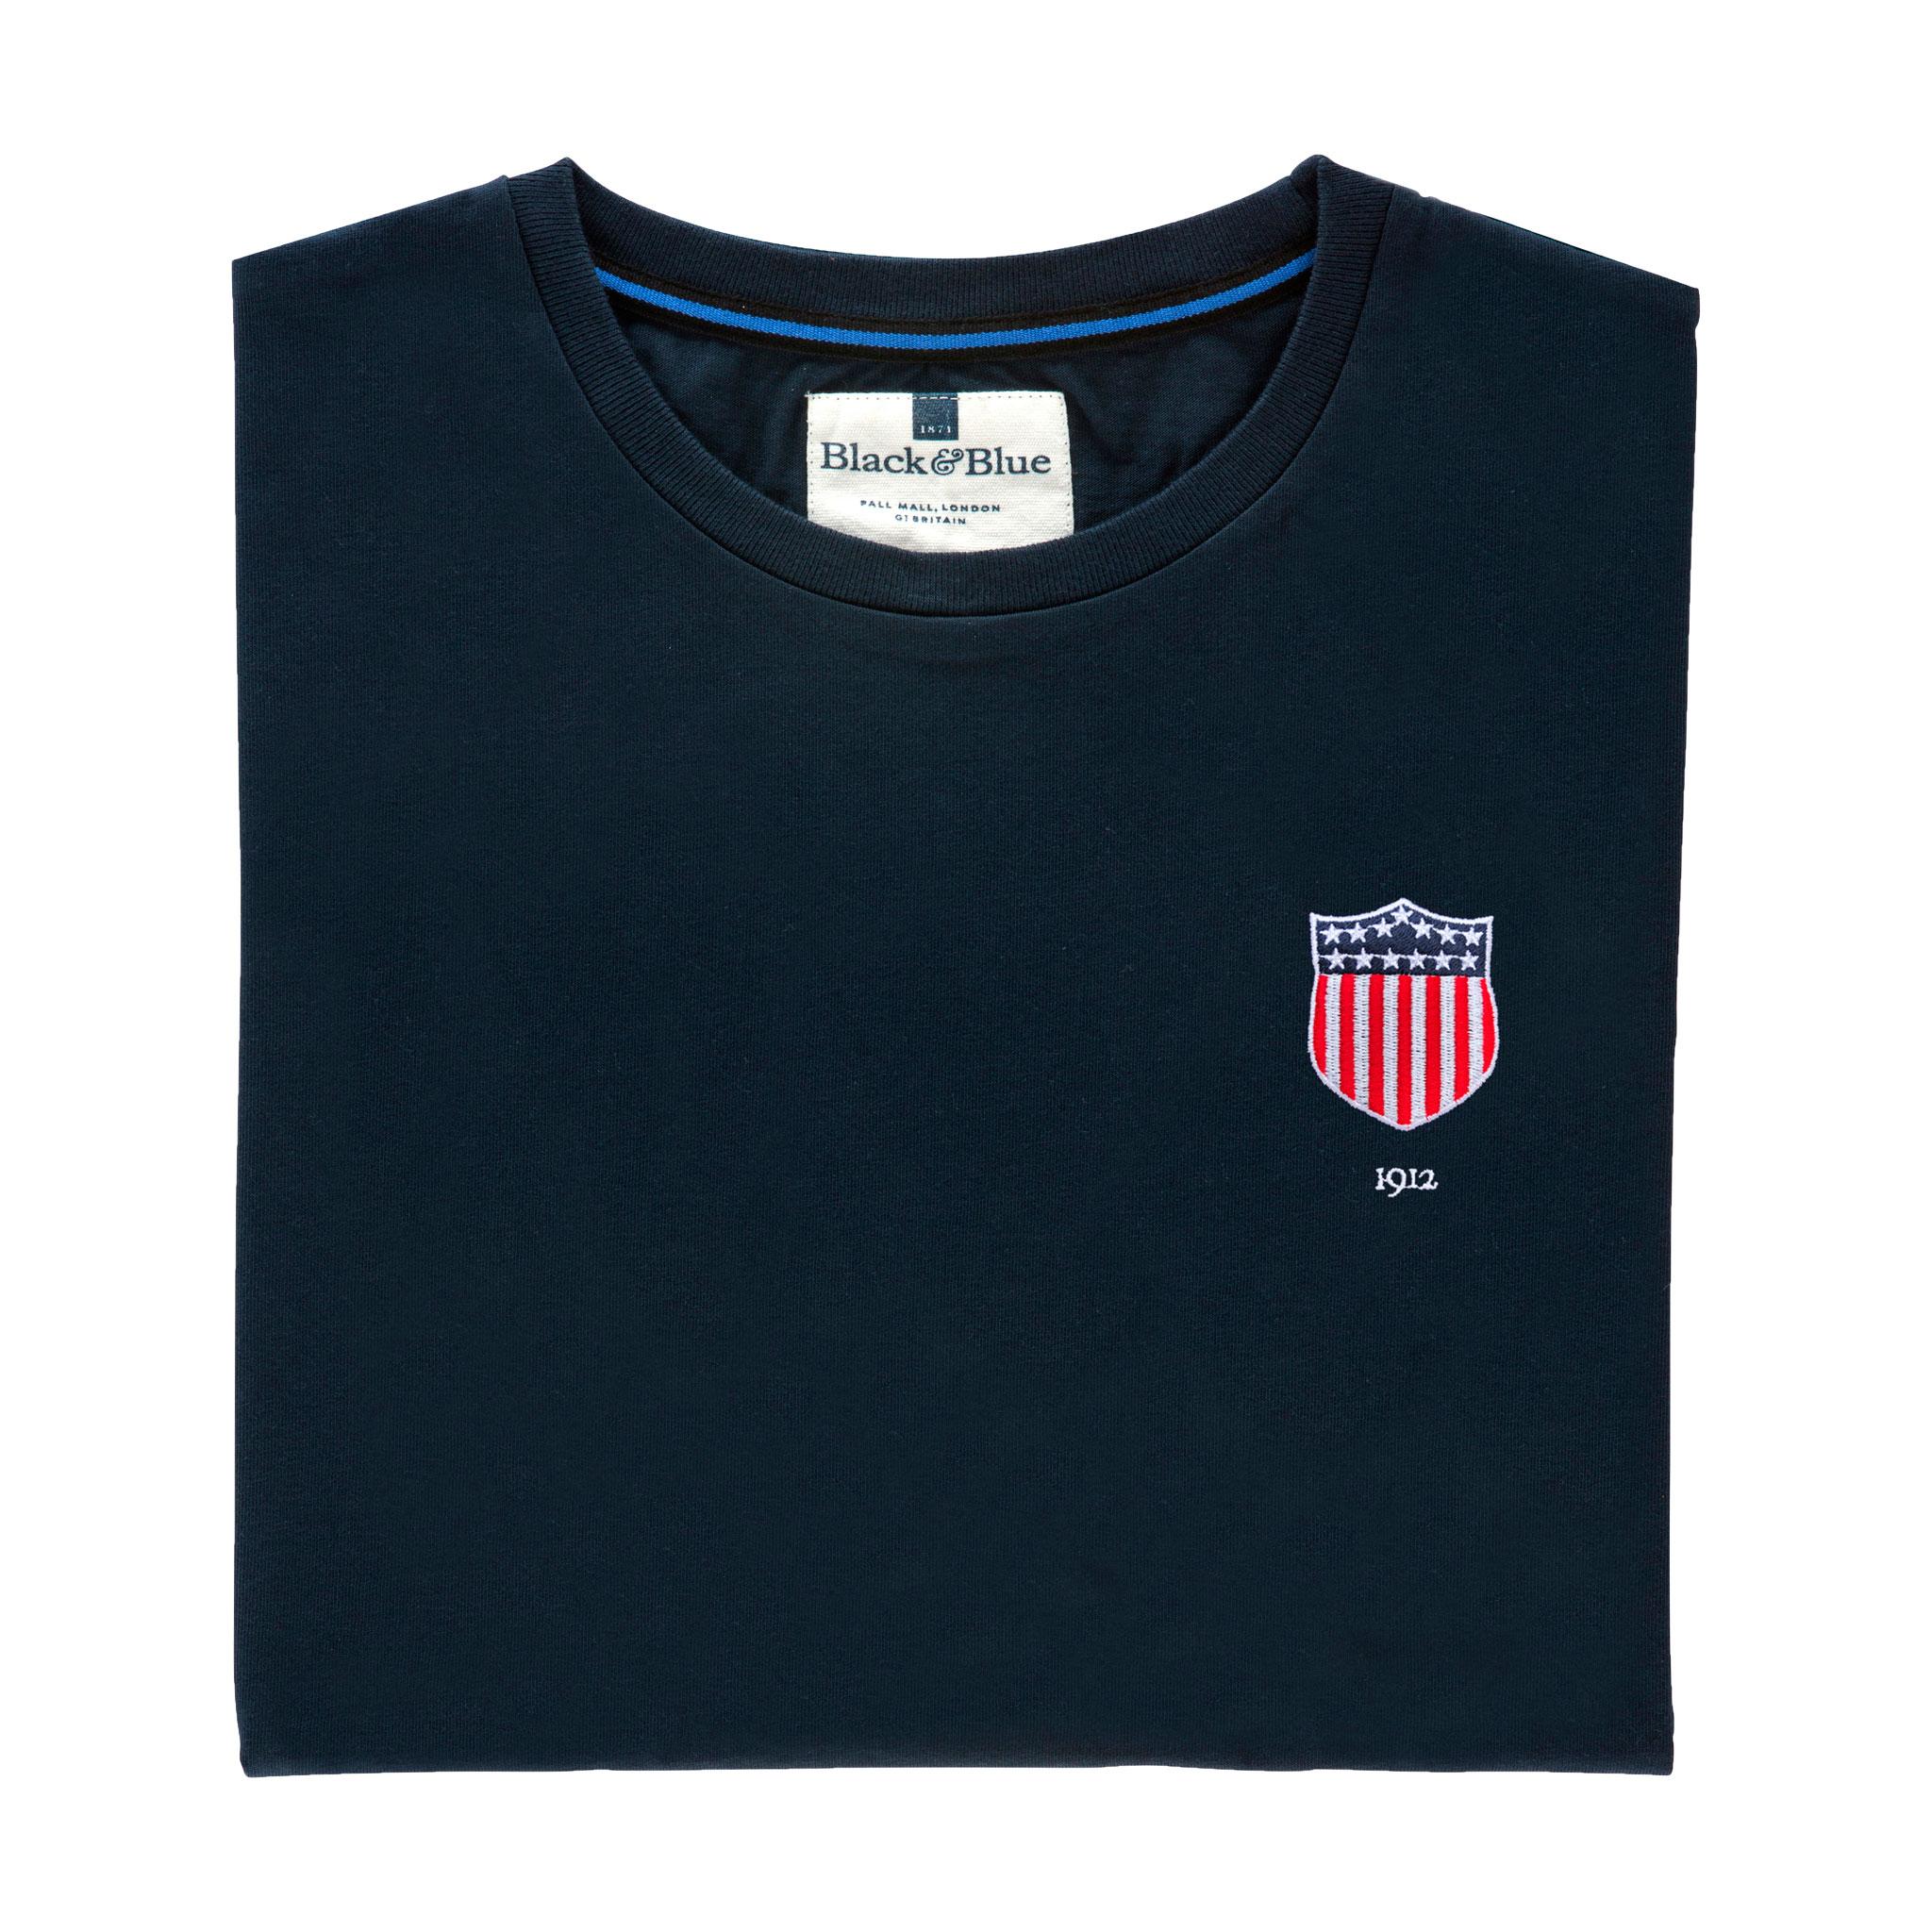 USA 1912 Navy Tshirt_Folded